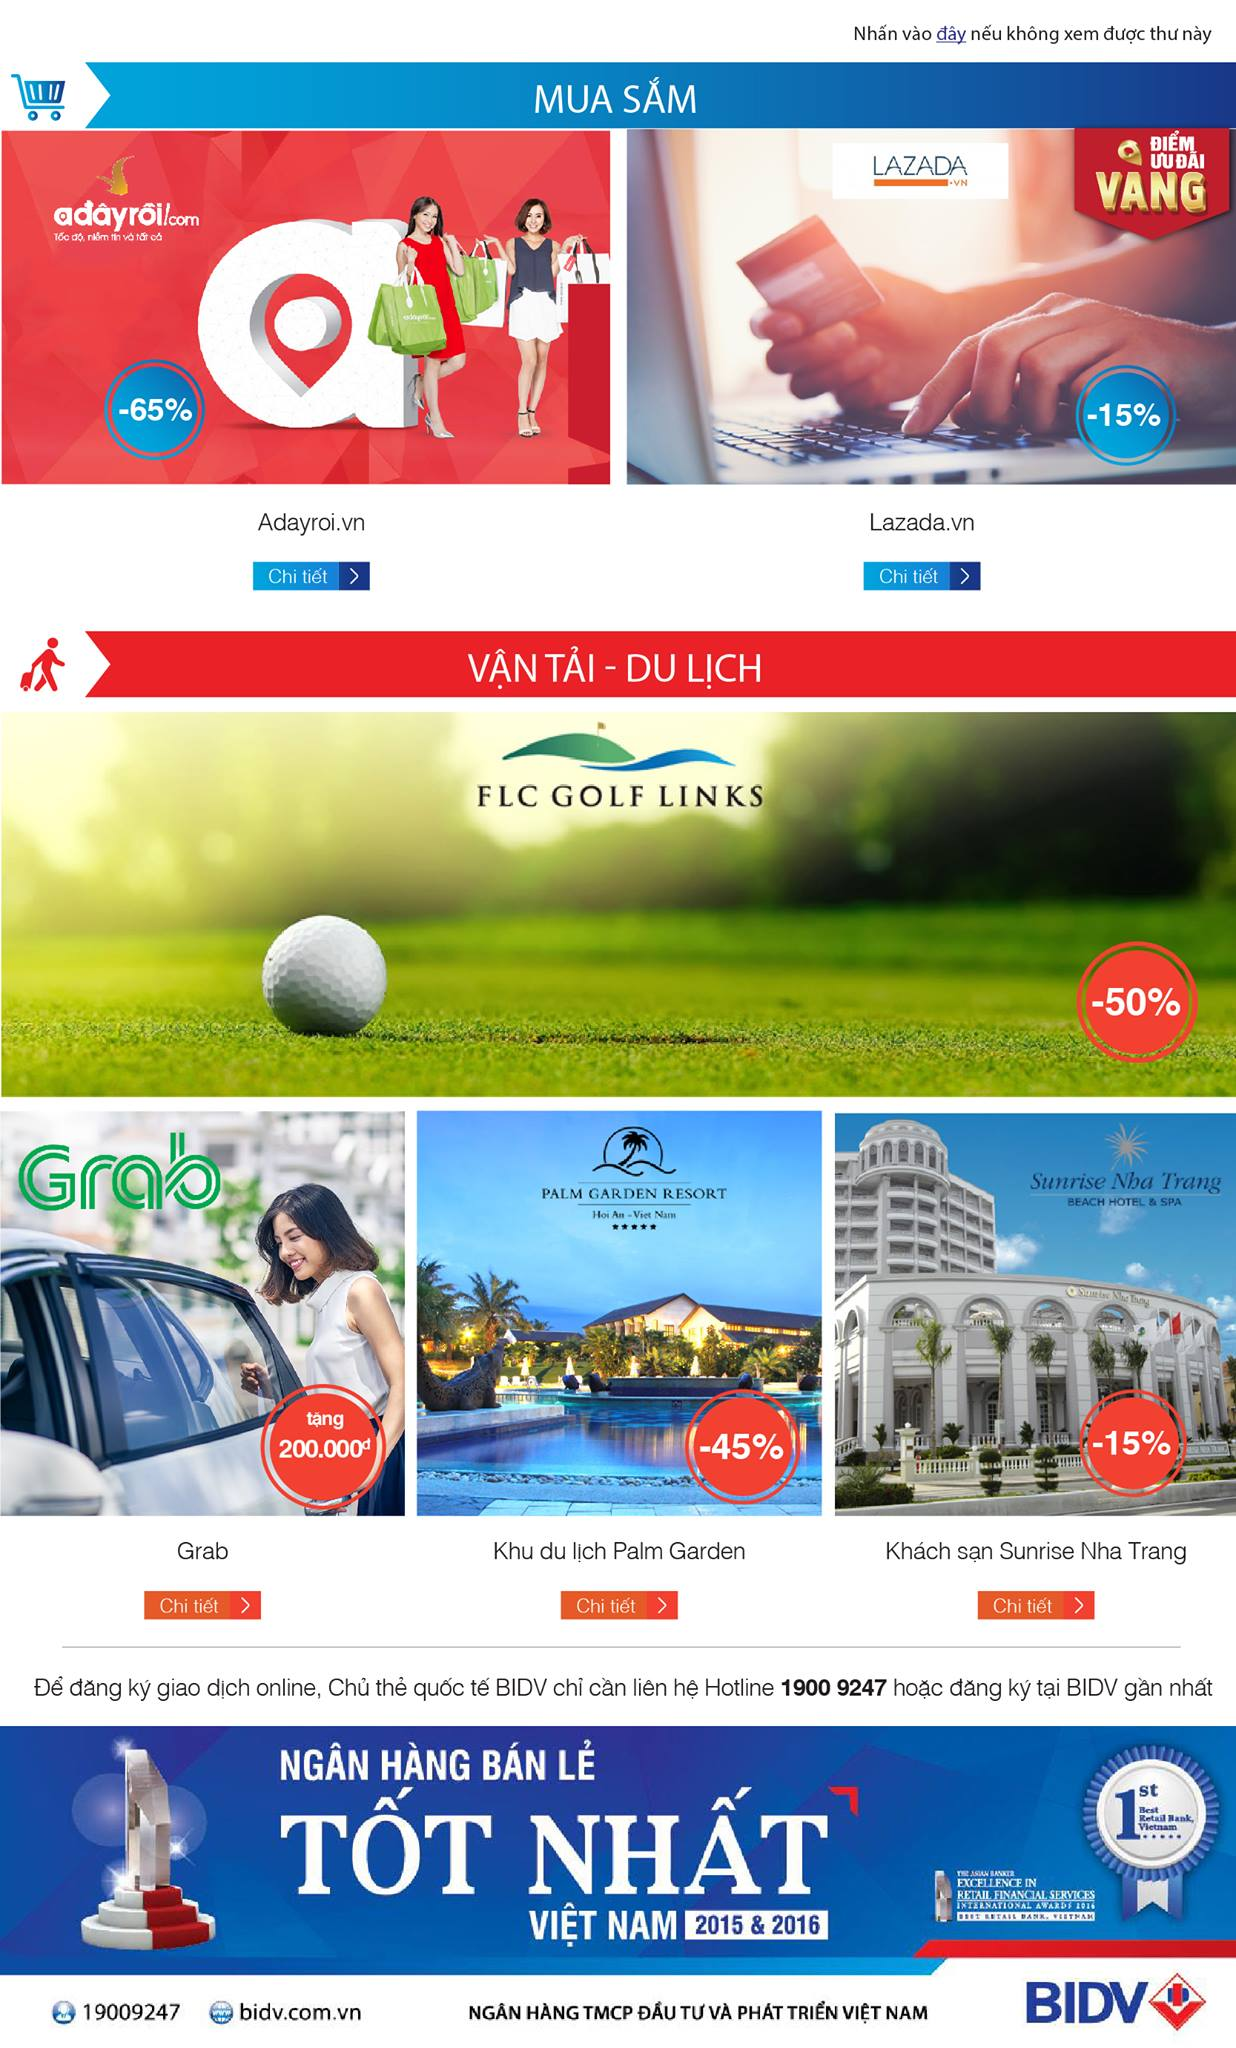 BIDV: Giảm tới 65% khi mua sắm, thanh toán thẻ BIDV tại Adayroi, Lazada.vn, Grab...